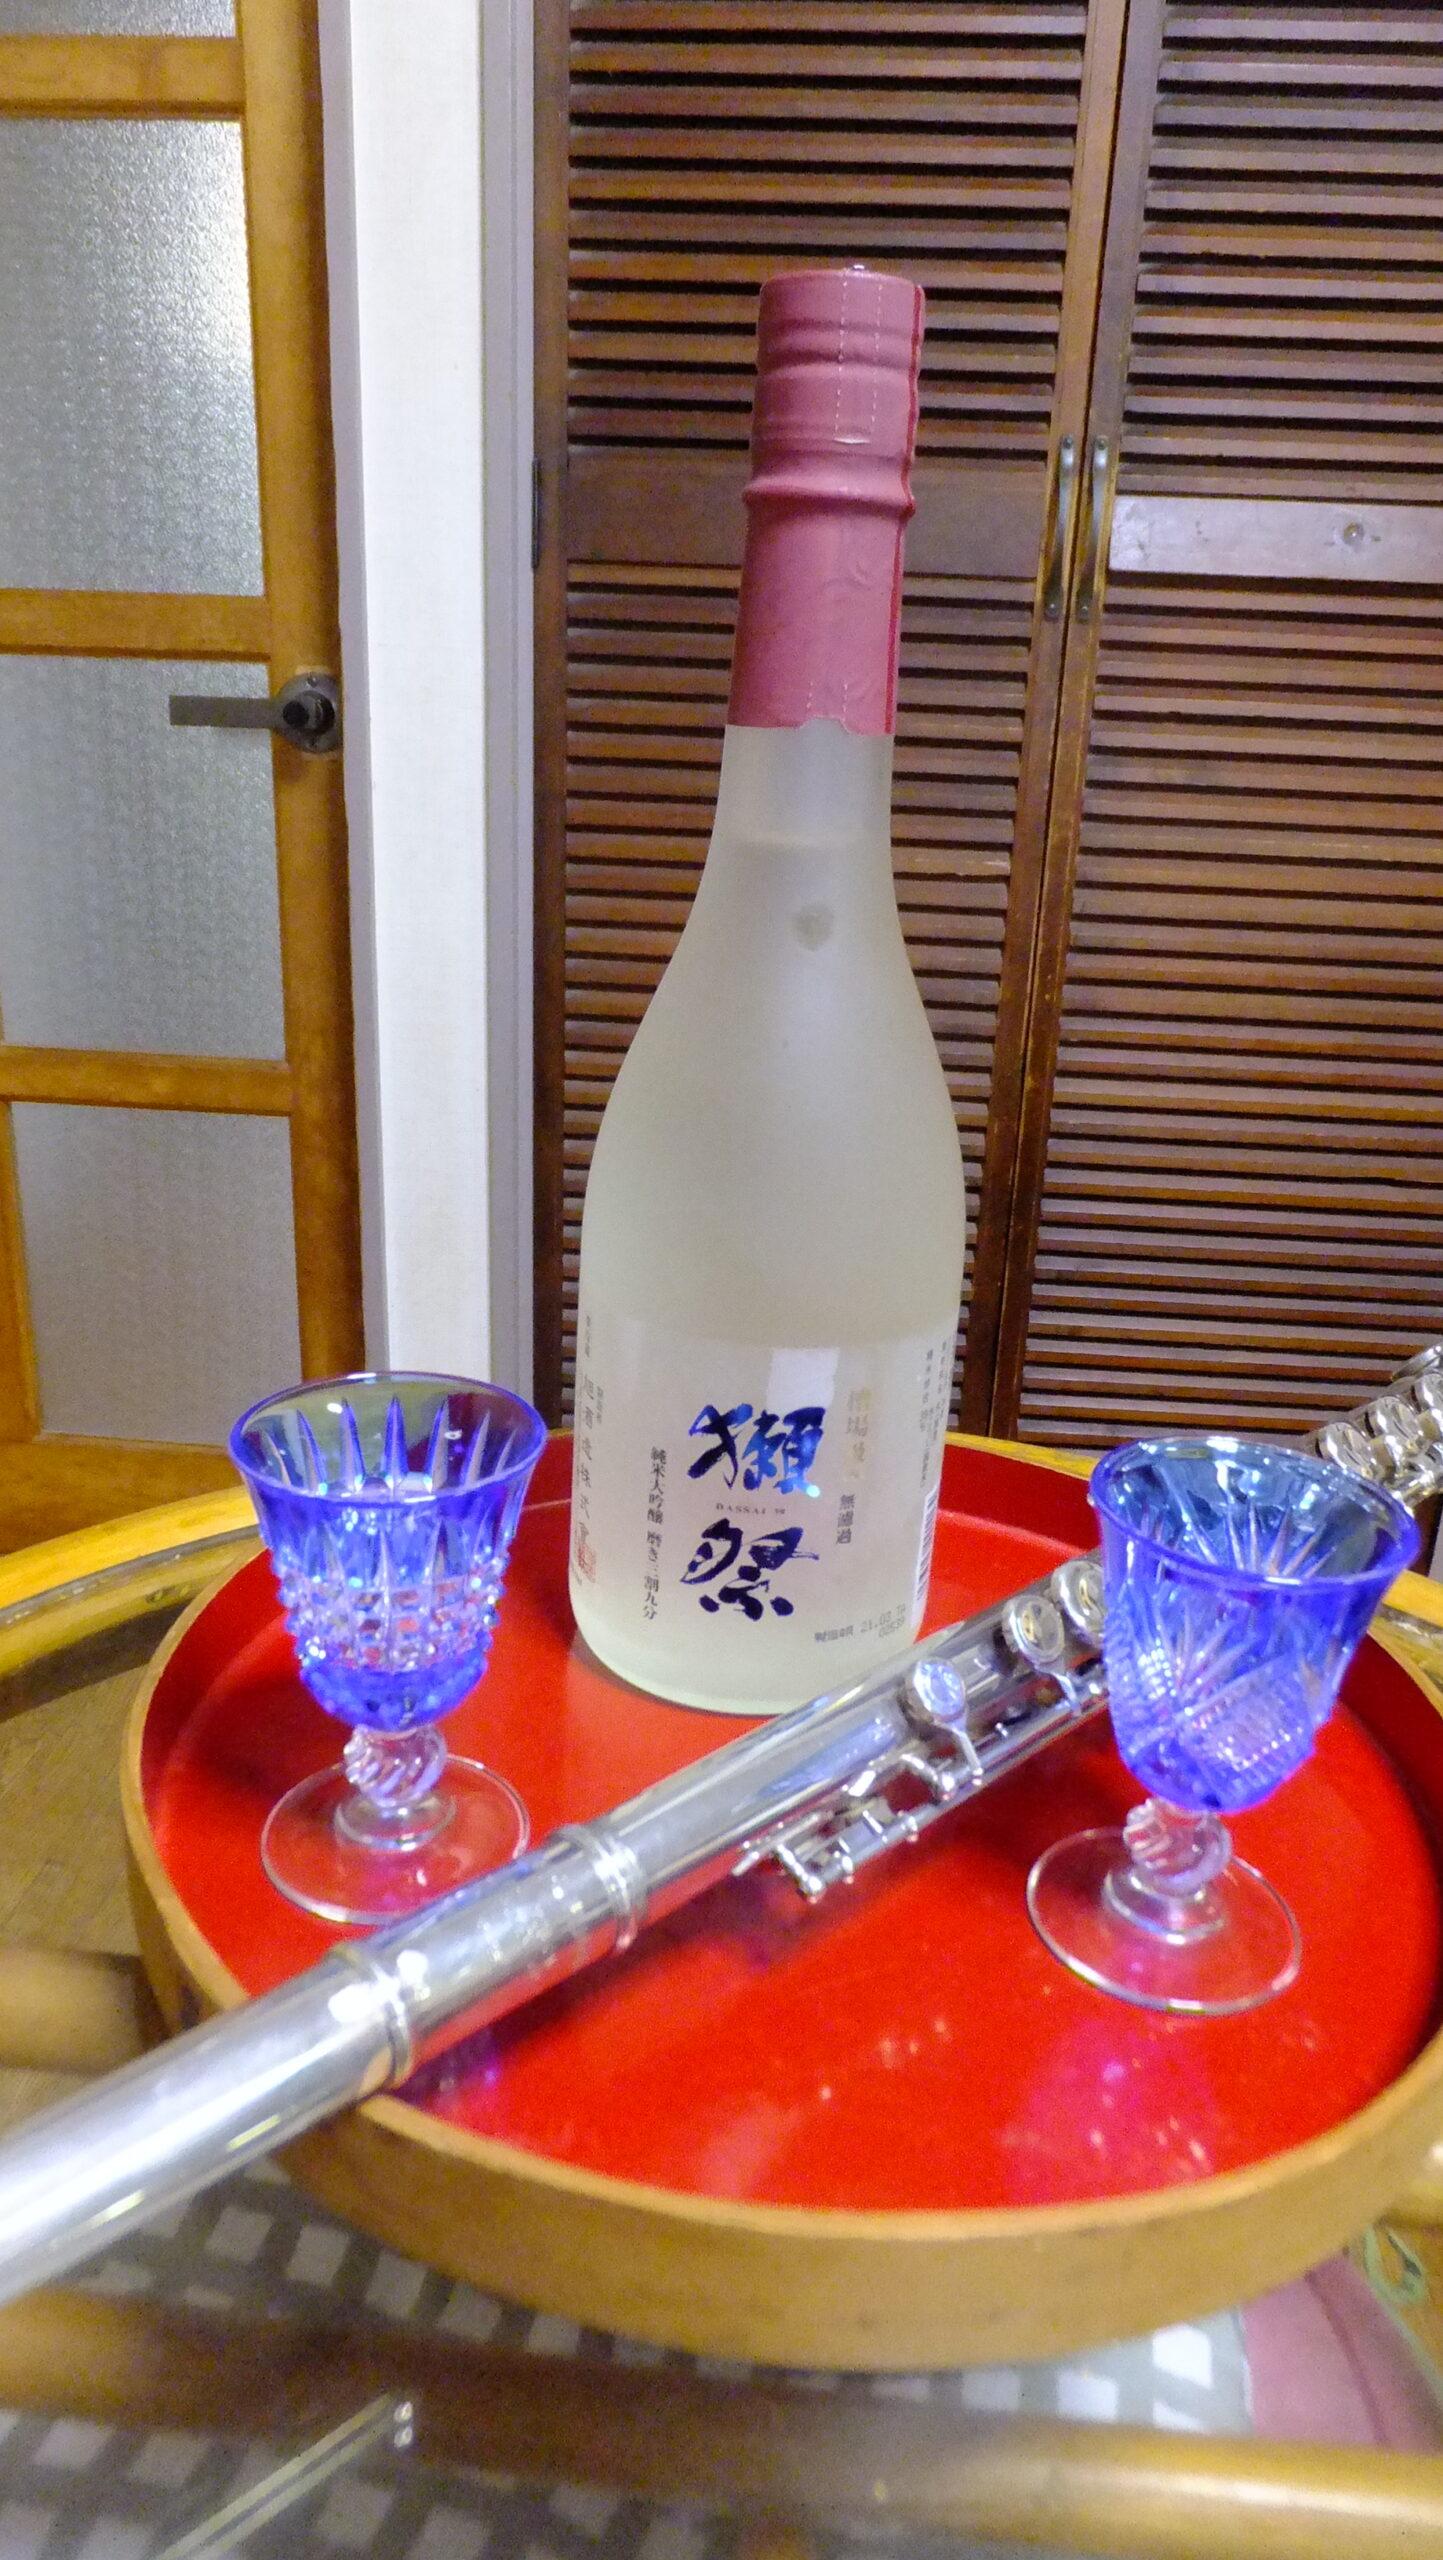 飯塚雅幸&藤間知枝が御世話になっている方から銘酒「獺祭(だっさい)」を頂きました。